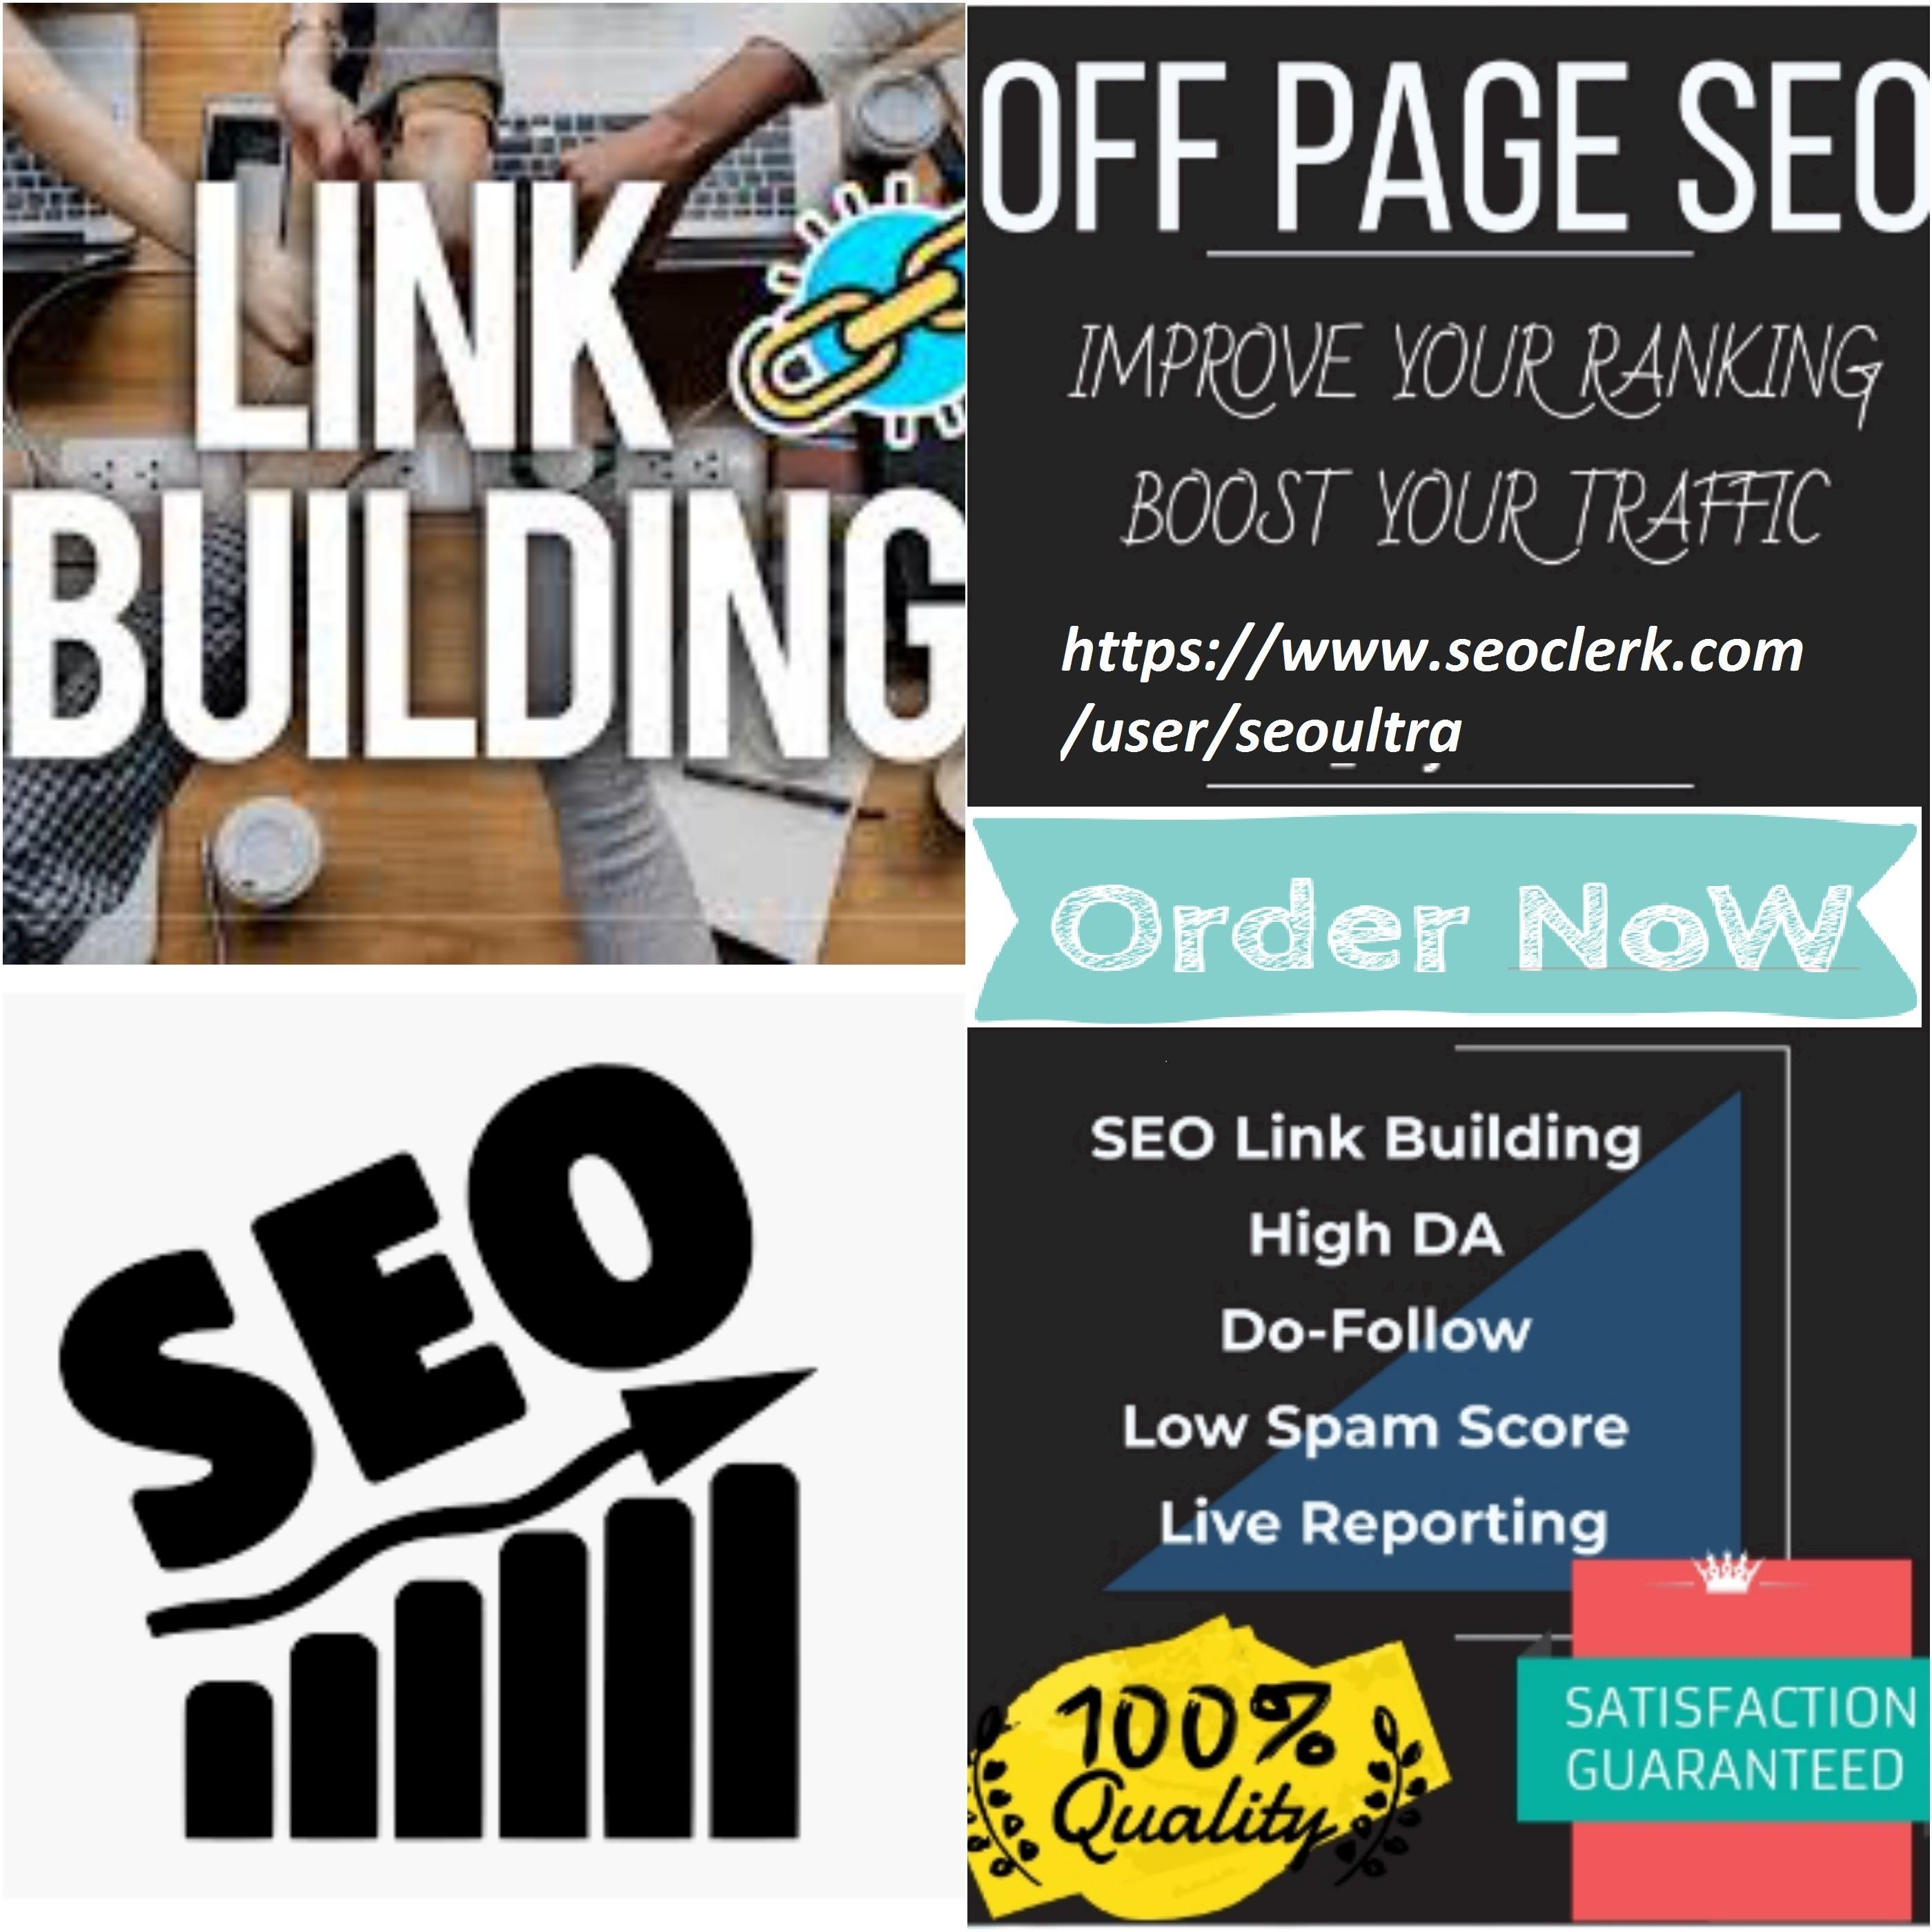 Create 100 High DA do-follow backlinks